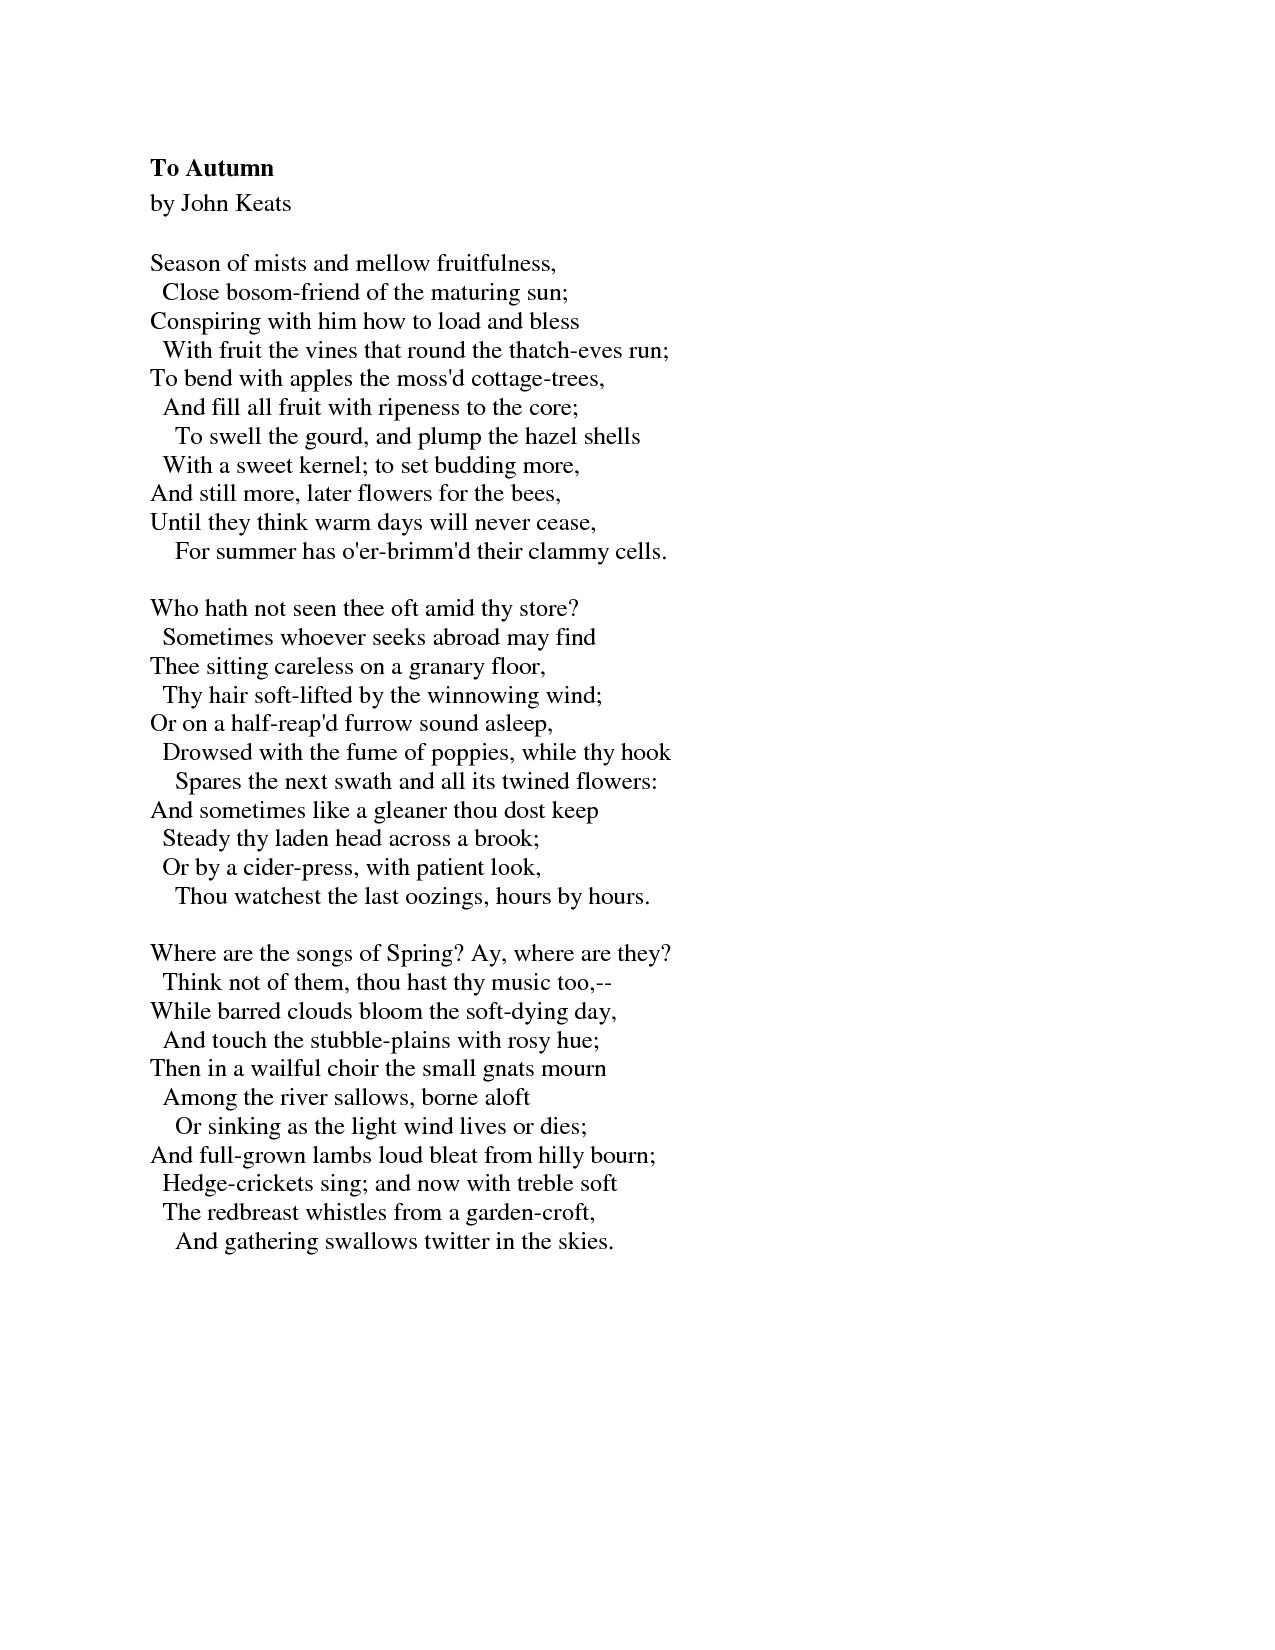 To Autumn By John Keats Analysis: John Keats Poem Ode To Autumn. Ode To Autumn By John Keats